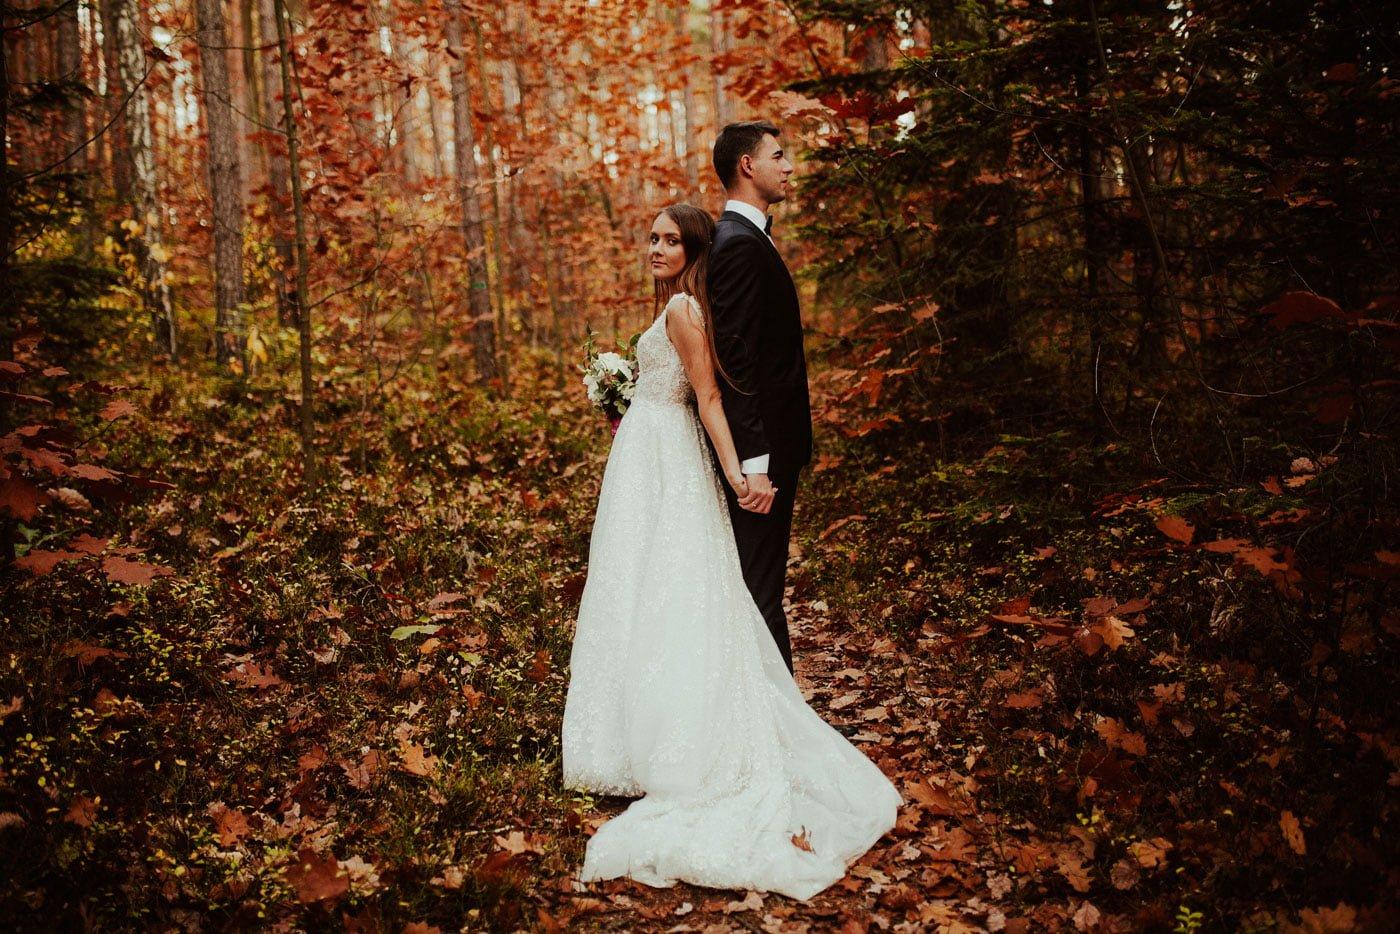 Para Młoda w środku jesienneo lasu uchwycona w kadrze Emilii Chrobok fotografa działającego w Tarnowie